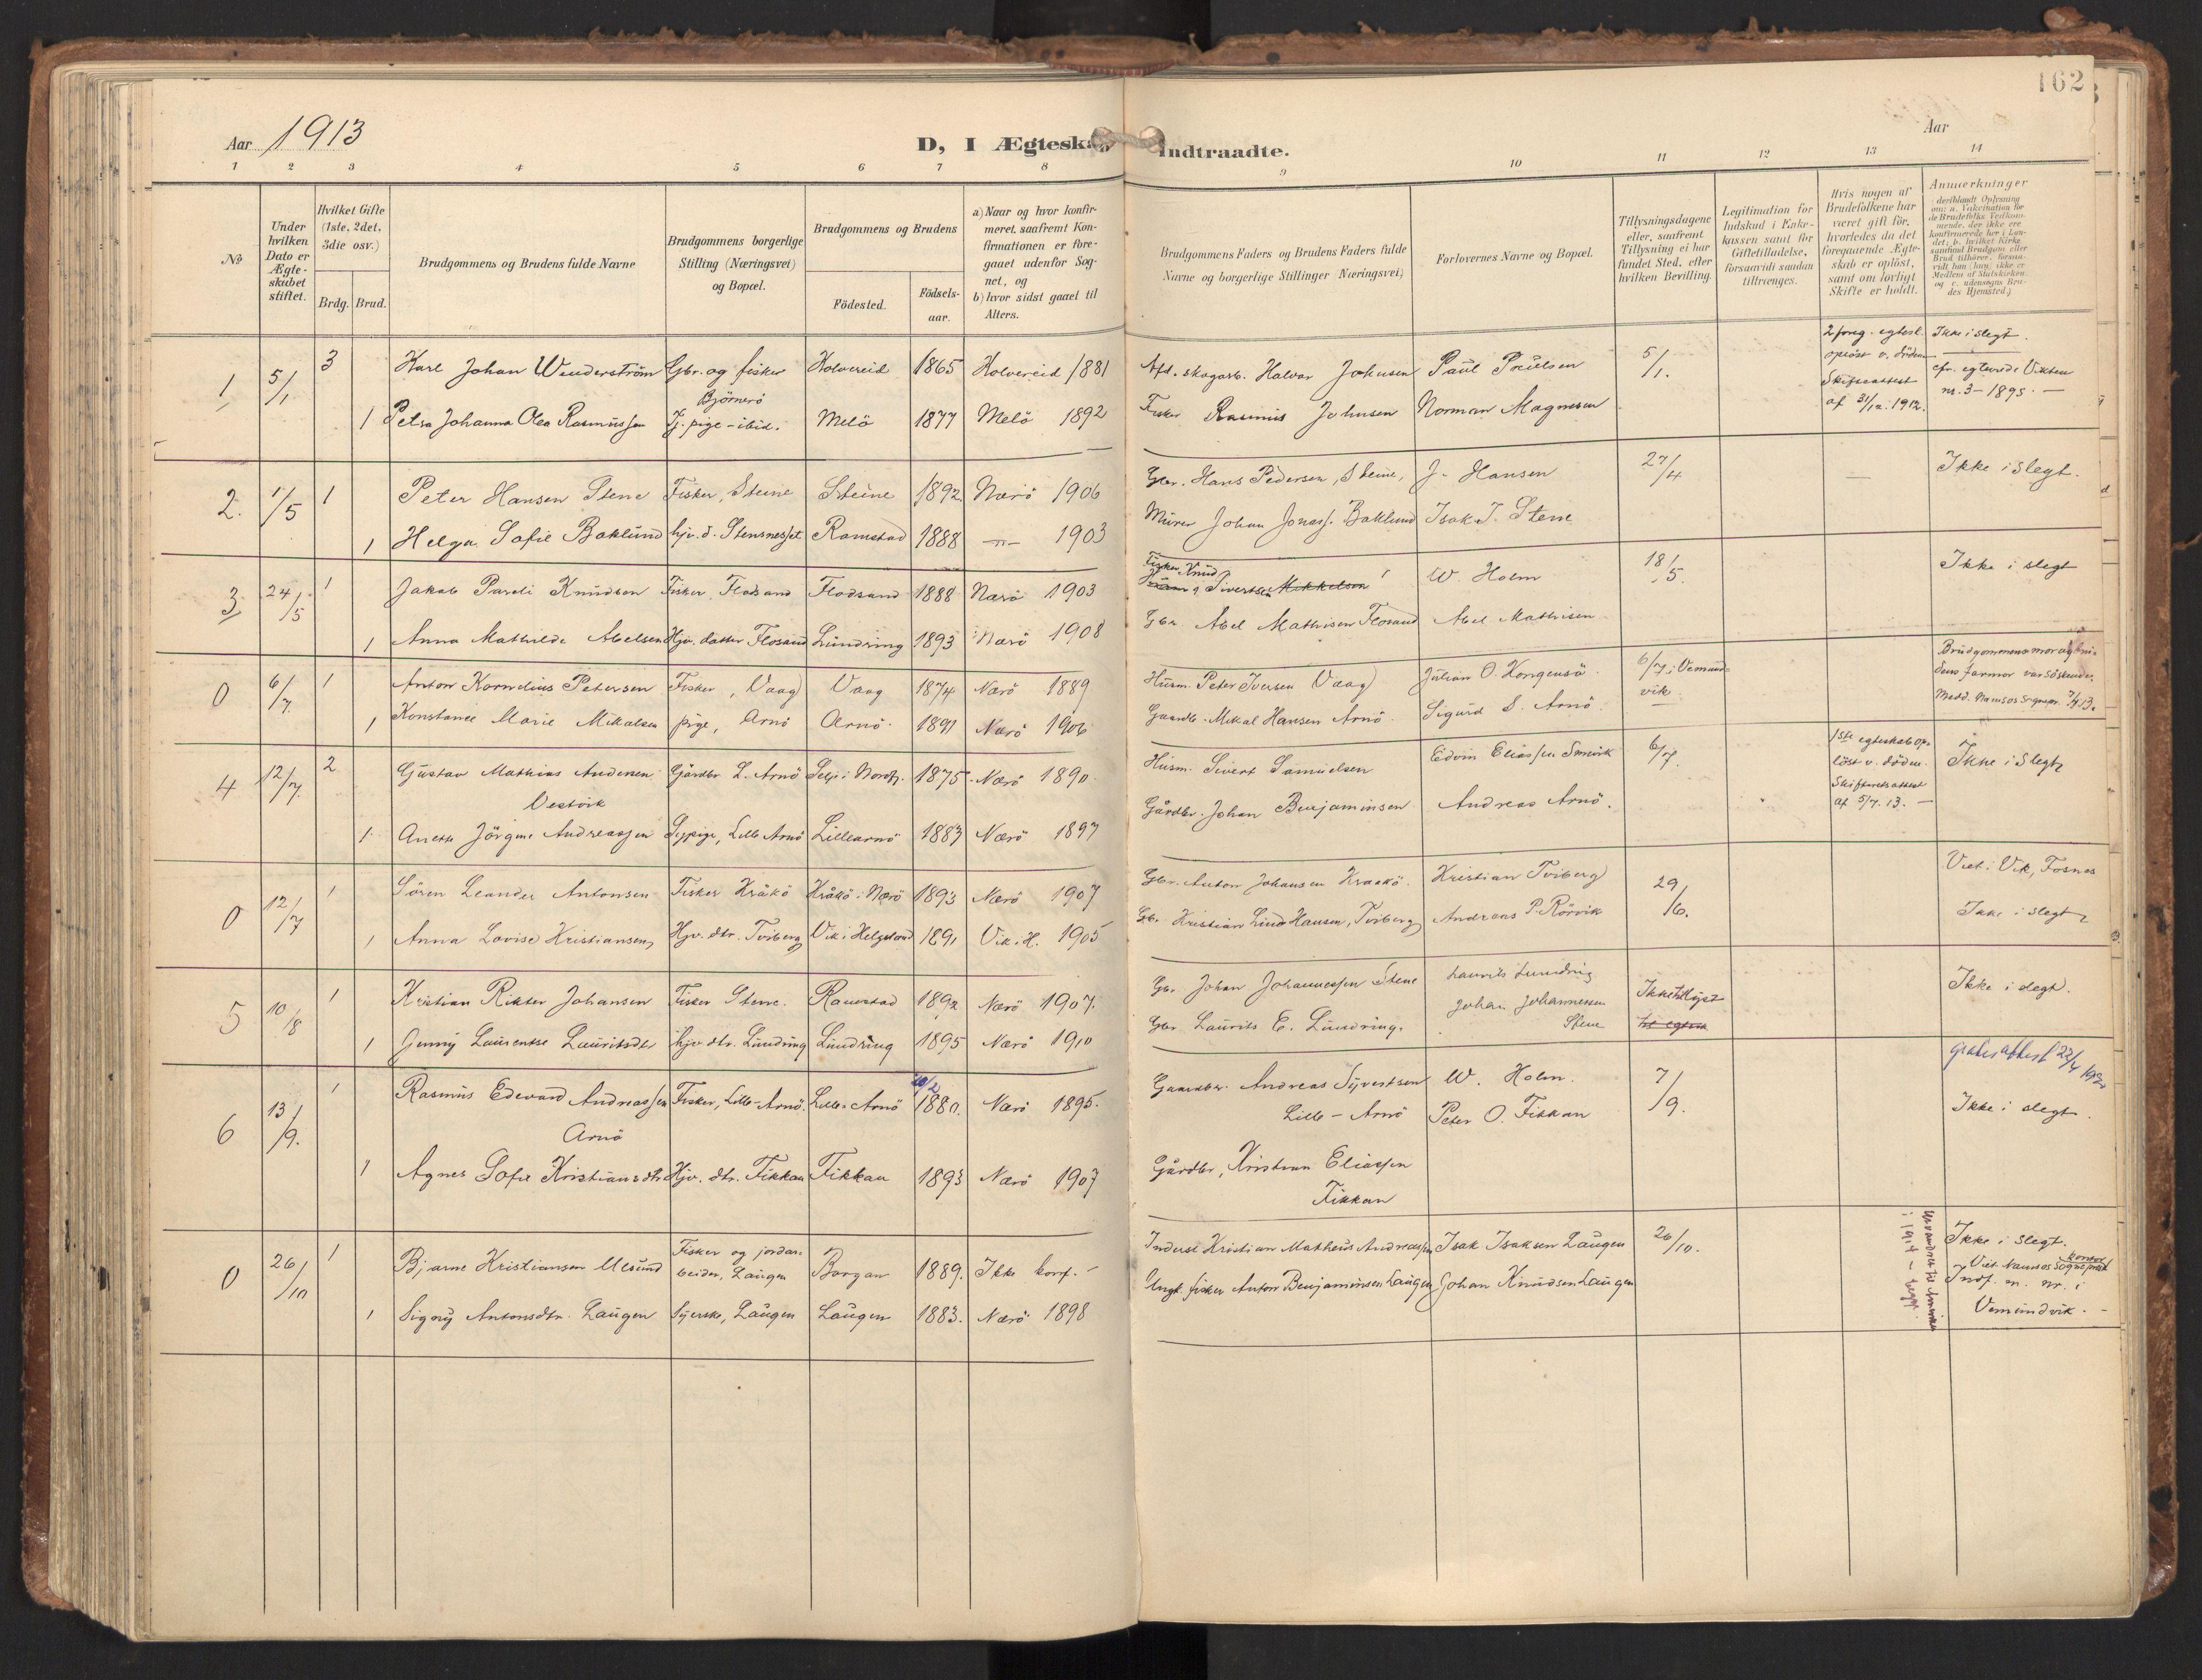 SAT, Ministerialprotokoller, klokkerbøker og fødselsregistre - Nord-Trøndelag, 784/L0677: Ministerialbok nr. 784A12, 1900-1920, s. 162